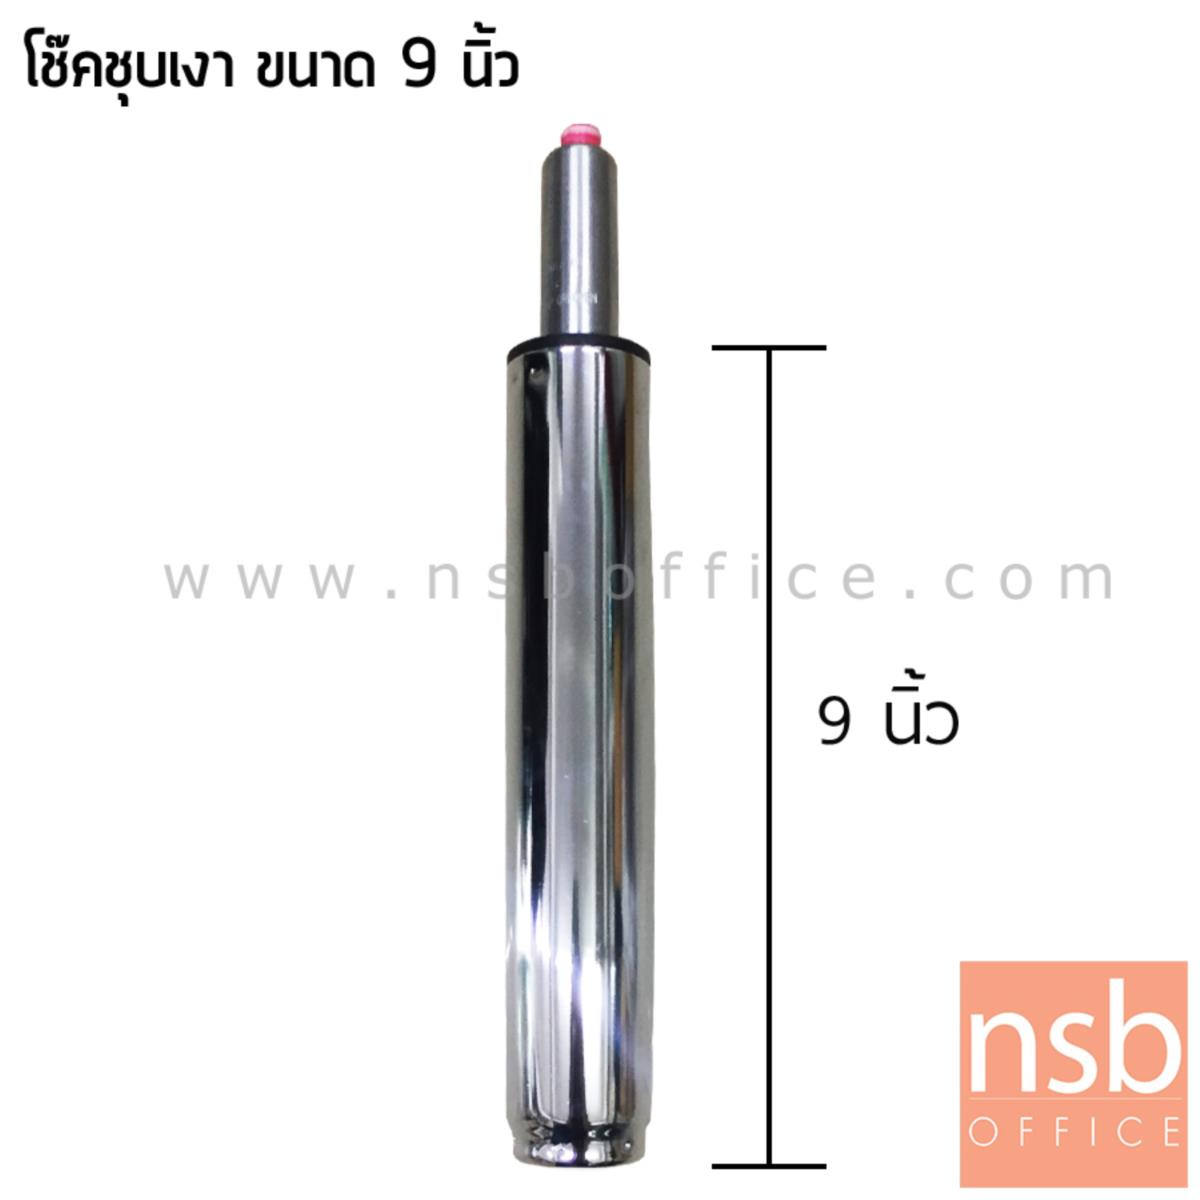 B27A034:โช๊คแก๊ส โครเมี่ยม ขนาด 9, 10.5, 12,14 และ 15 นิ้ว สำหรับเก้าอี้บาร์สูงหรือเก้าอี้เขียนแบบ